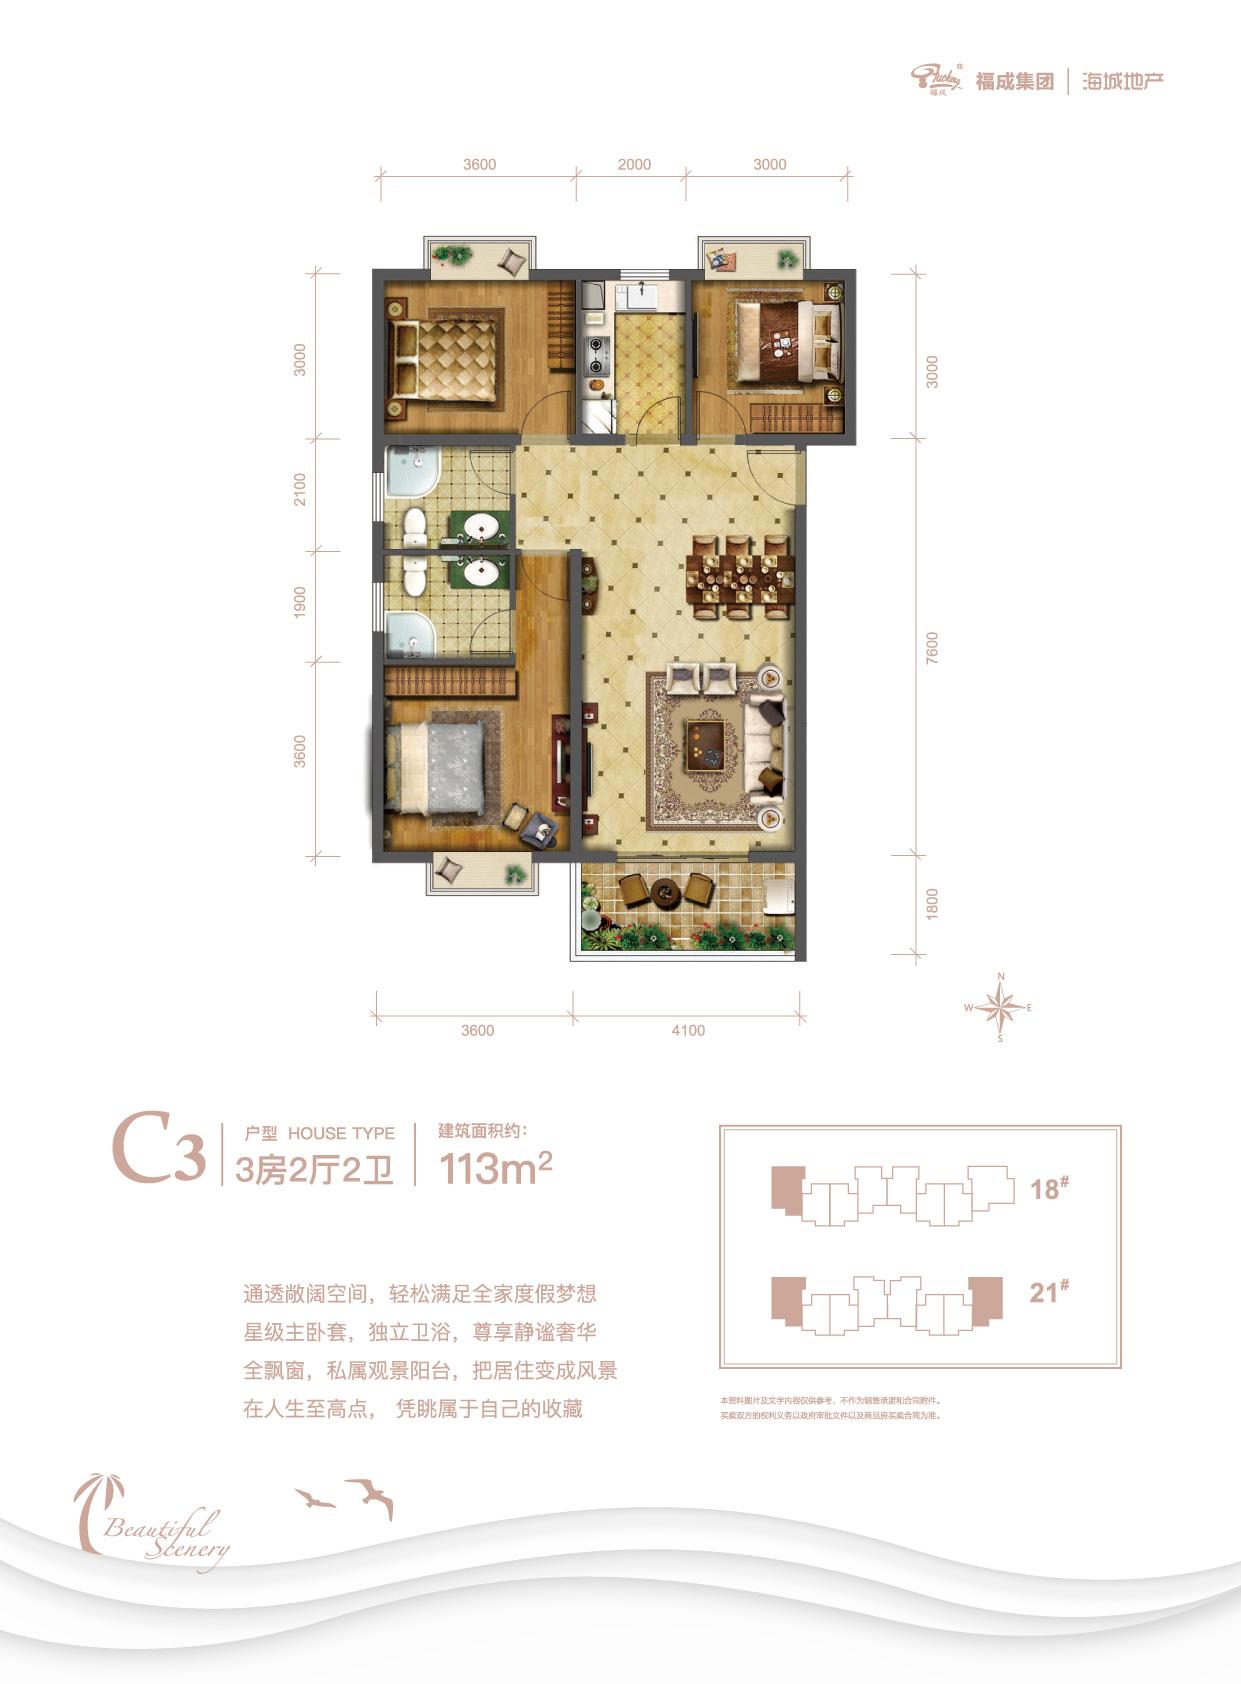 C3户型 3房2厅2卫 建面113㎡